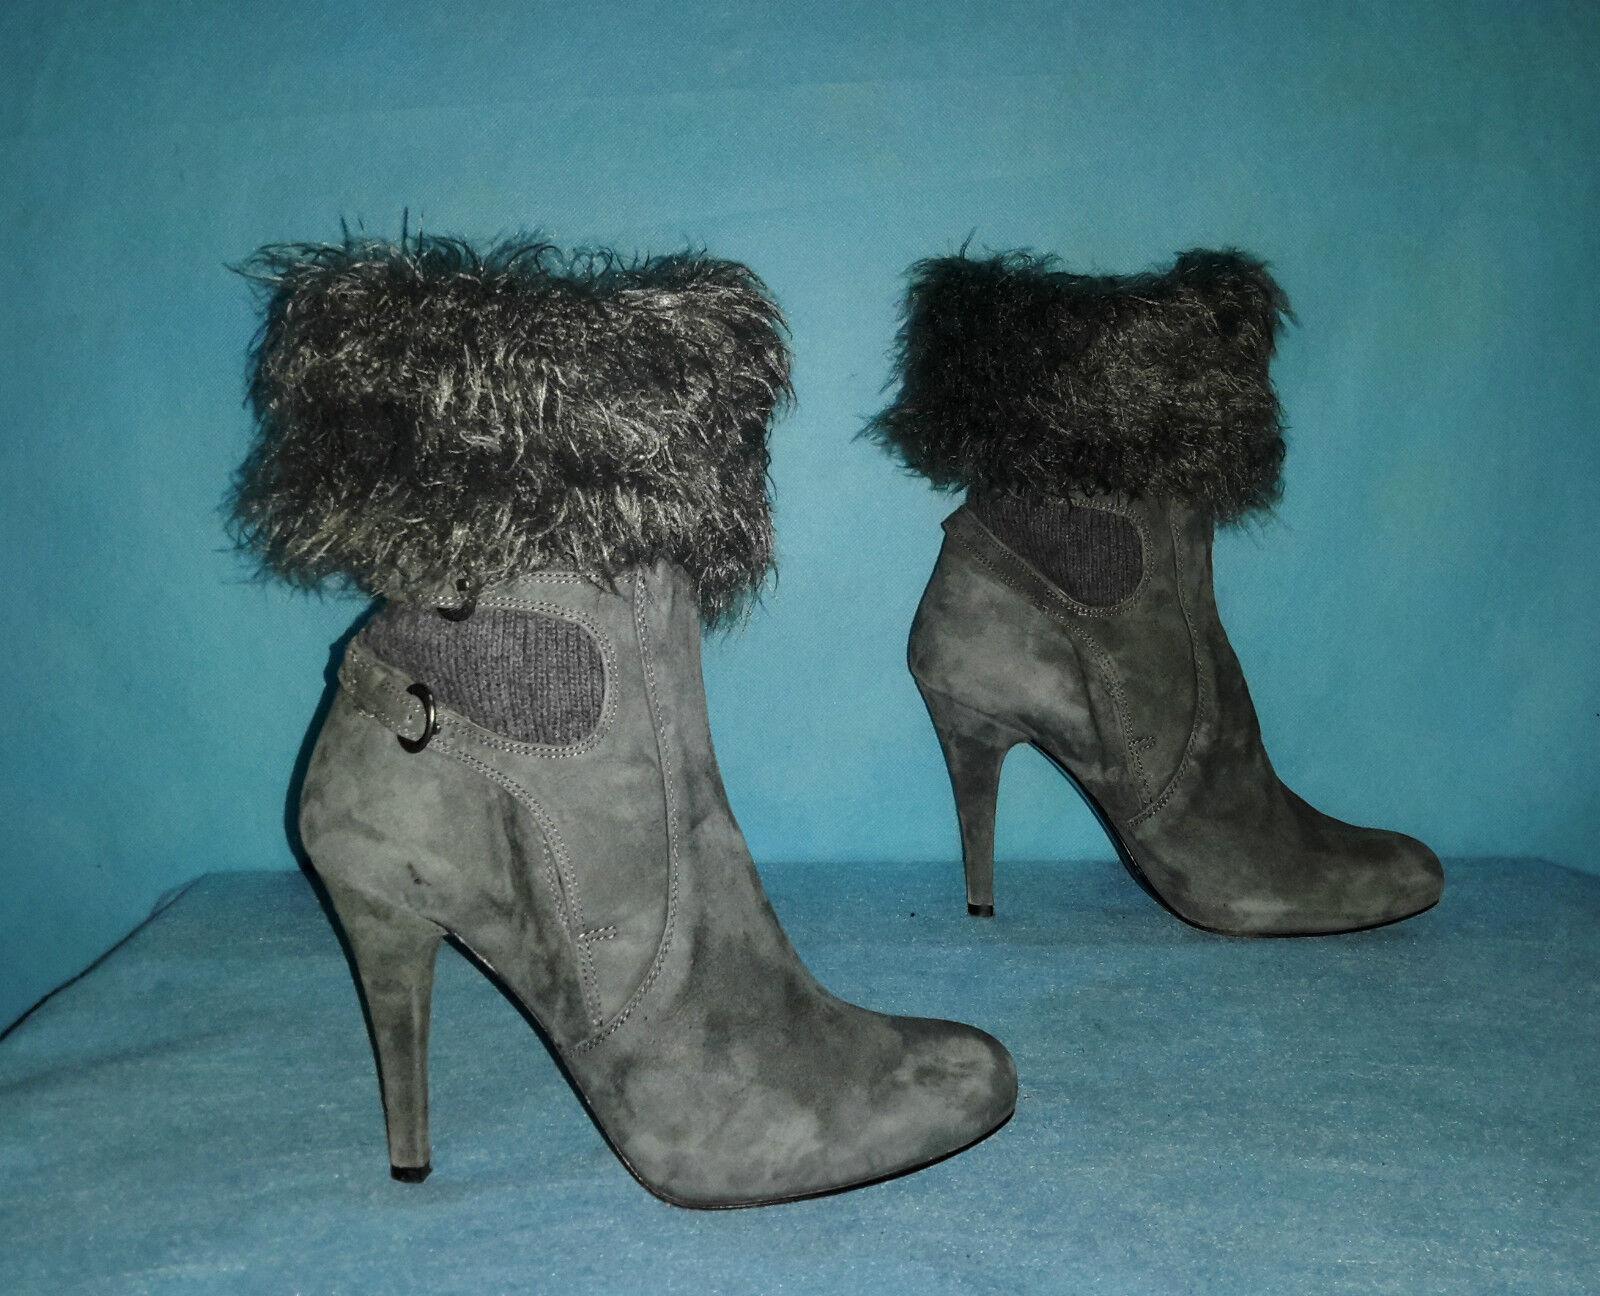 bottines boots FRANCESCO MORICHETTI en cuir et laine p 37 fr tres bon etat